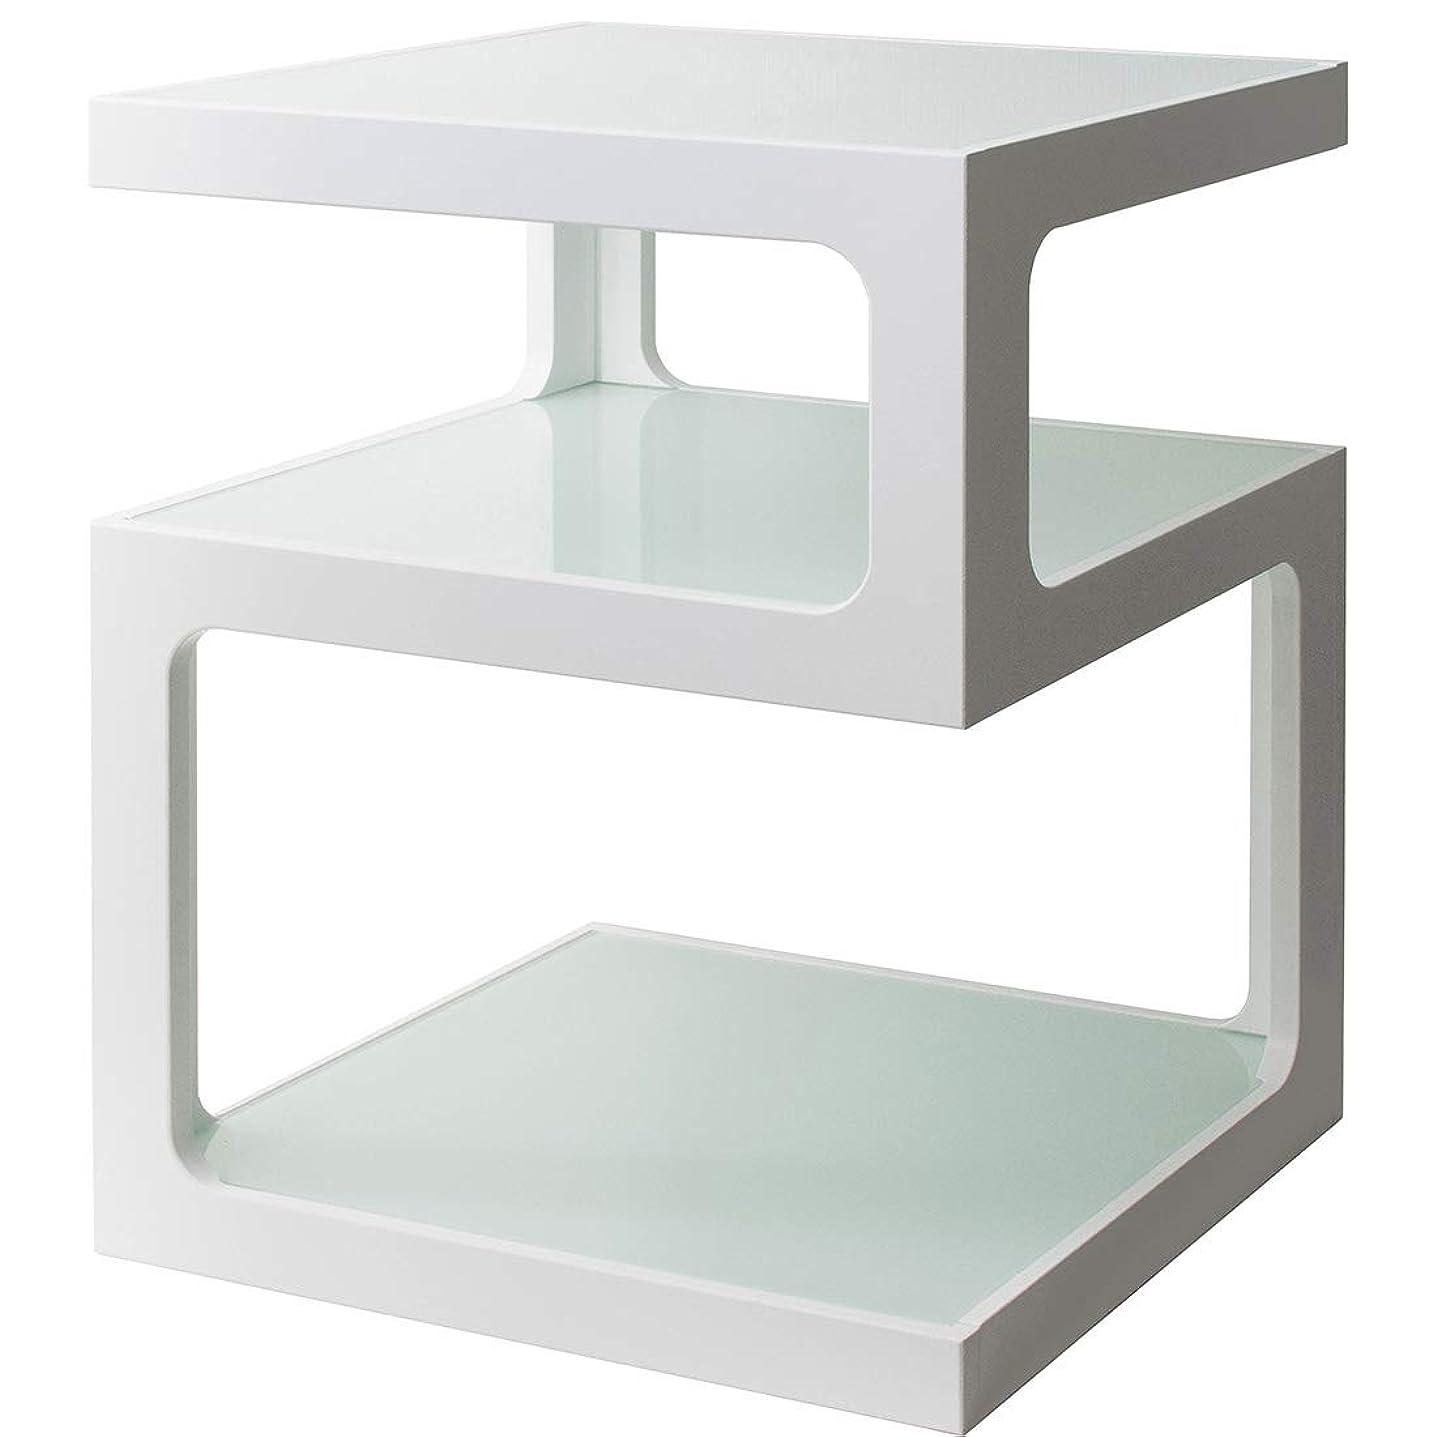 不可能な確かな改革宮武製作所 サイドテーブル 3段 ガラス天板 ホワイト 幅40×奥行き40×高さ52.5cm ST-403 WH